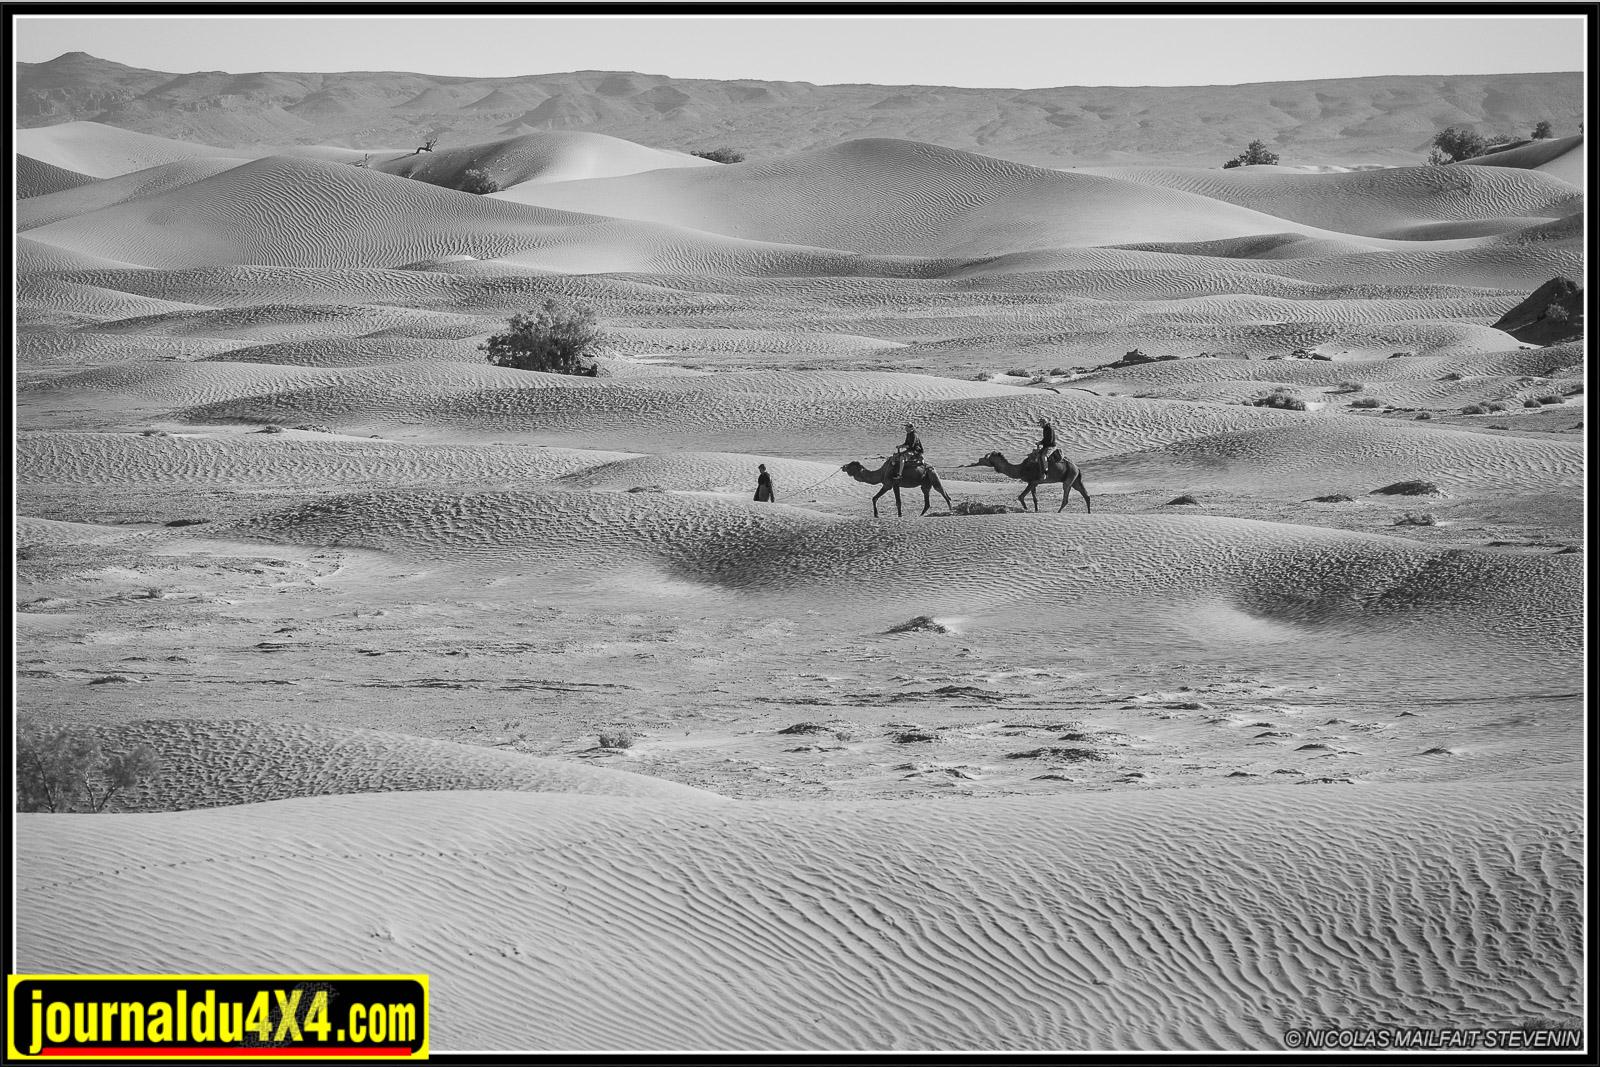 rallye-aicha-gazelles-maroc-2017-7051.jpg